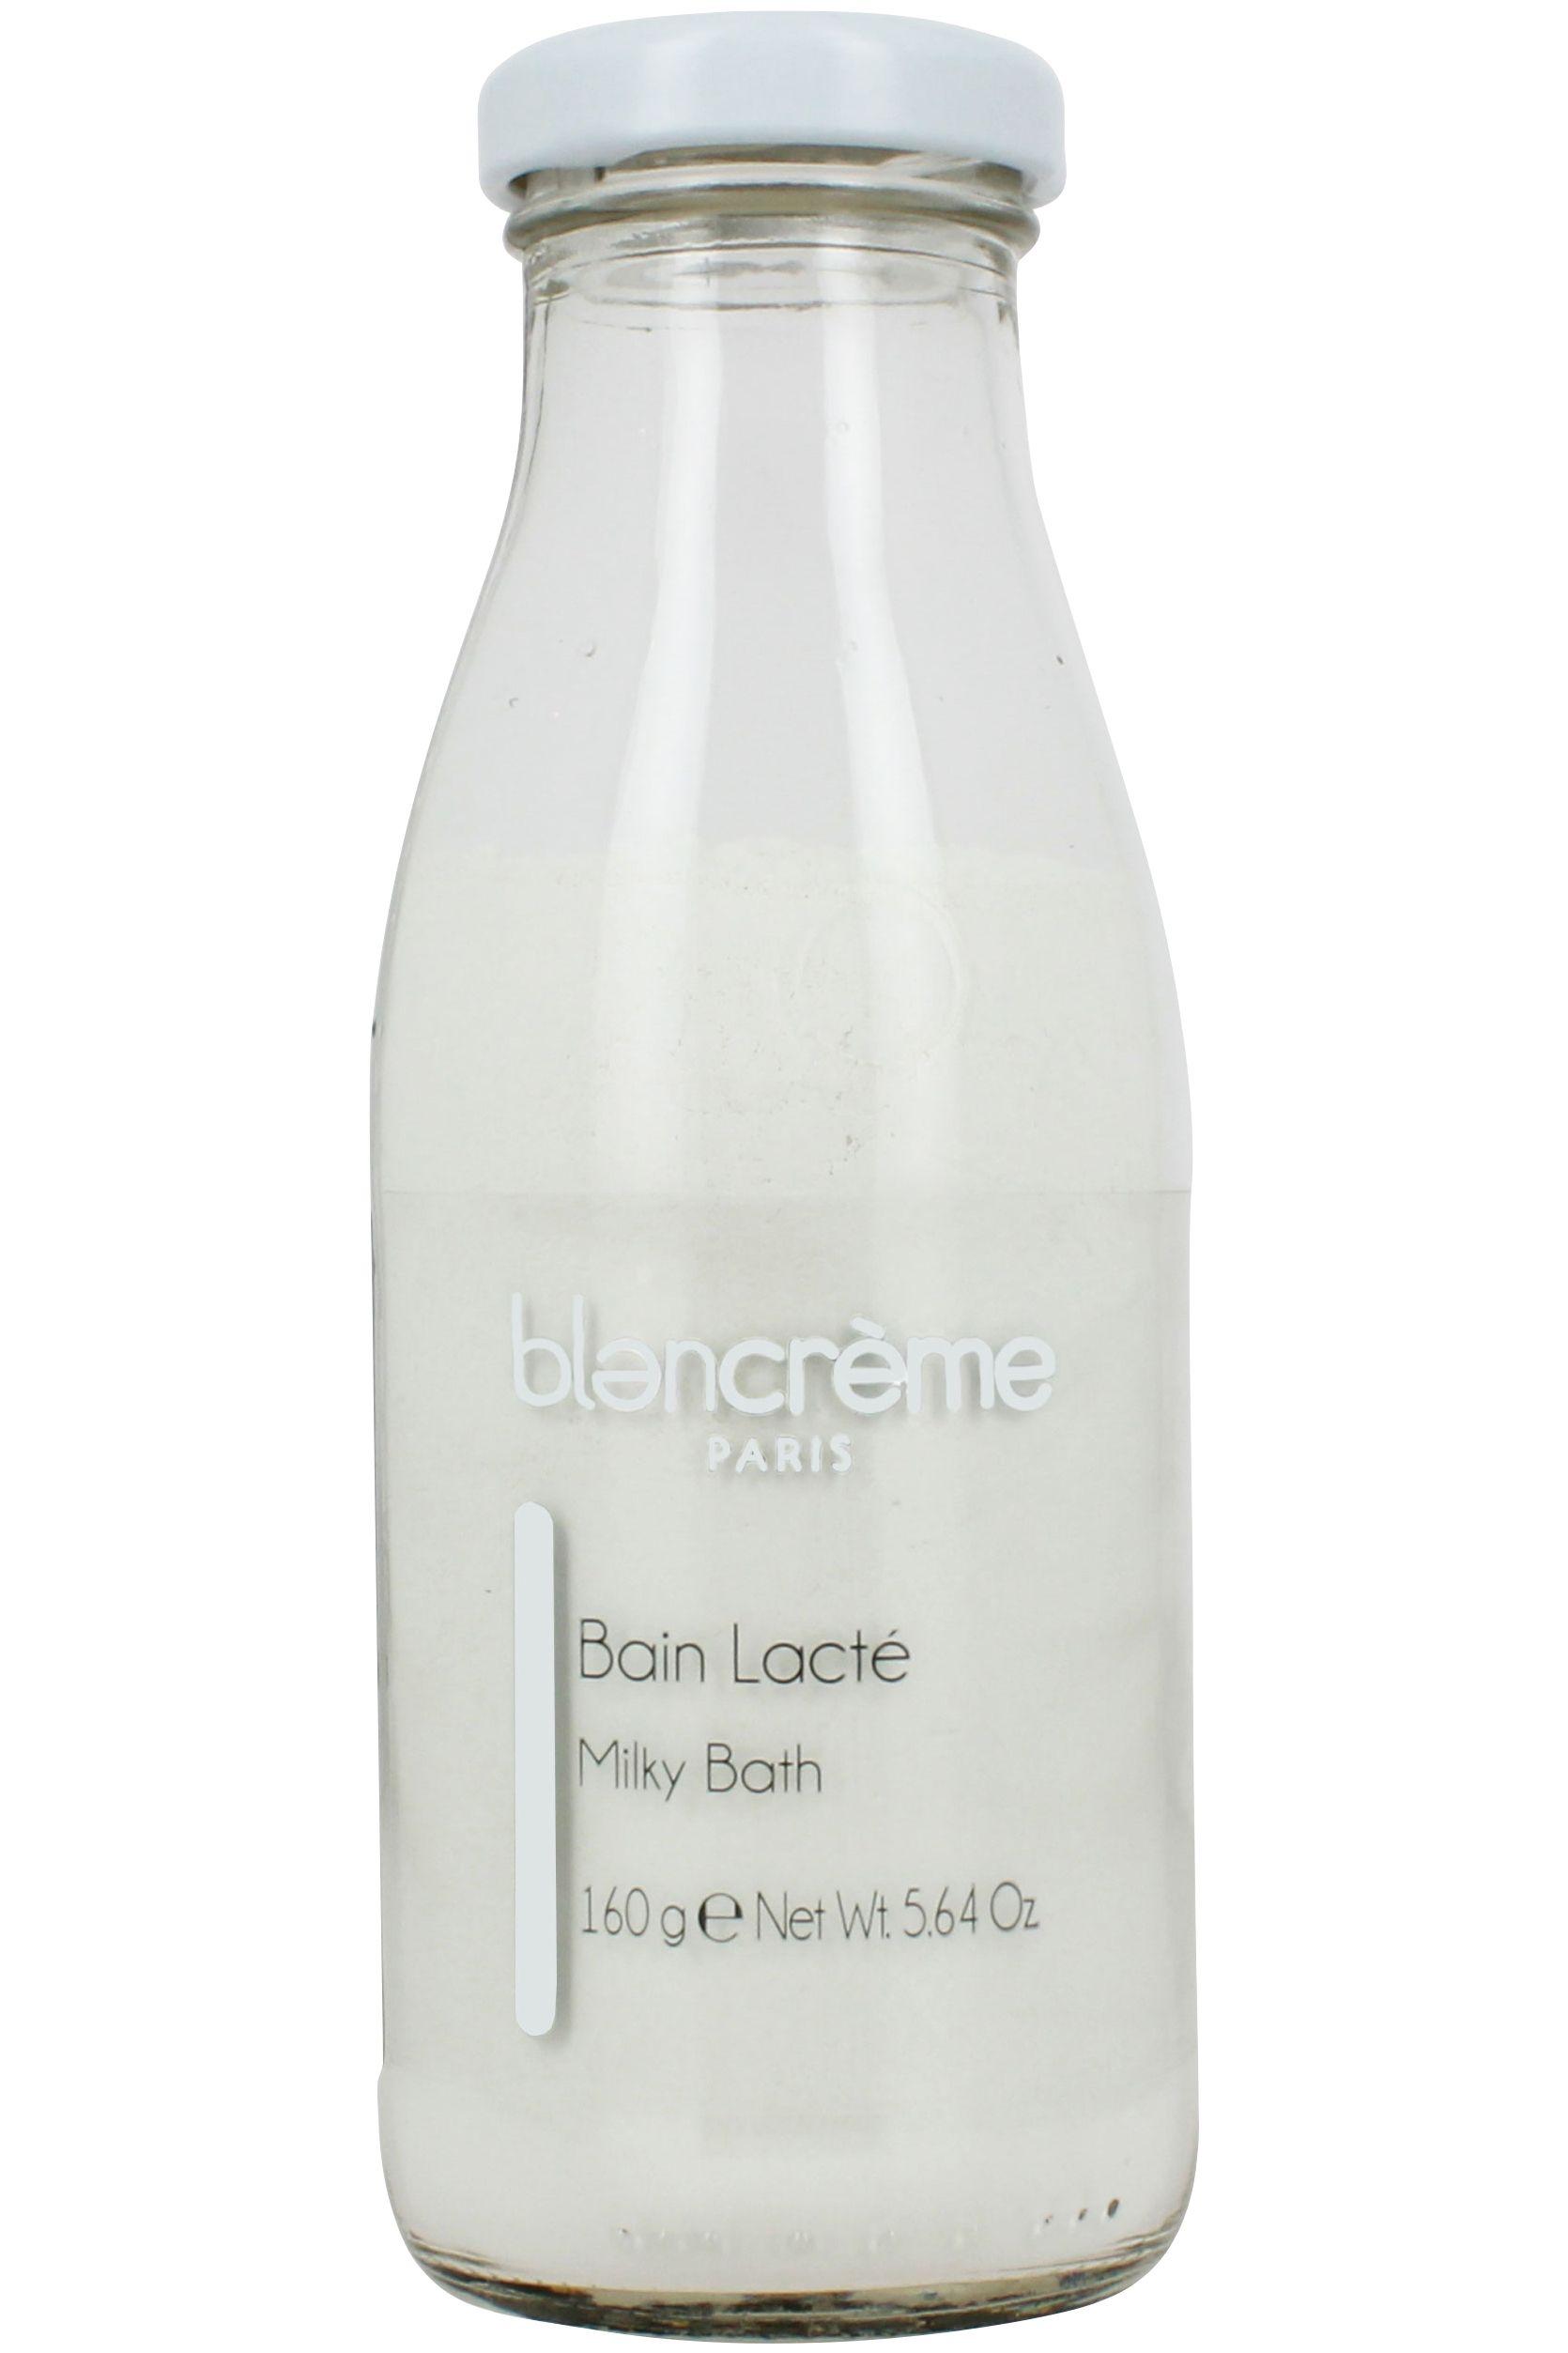 Blissim : Blancrème - Bain Lacté - Bain Lacté